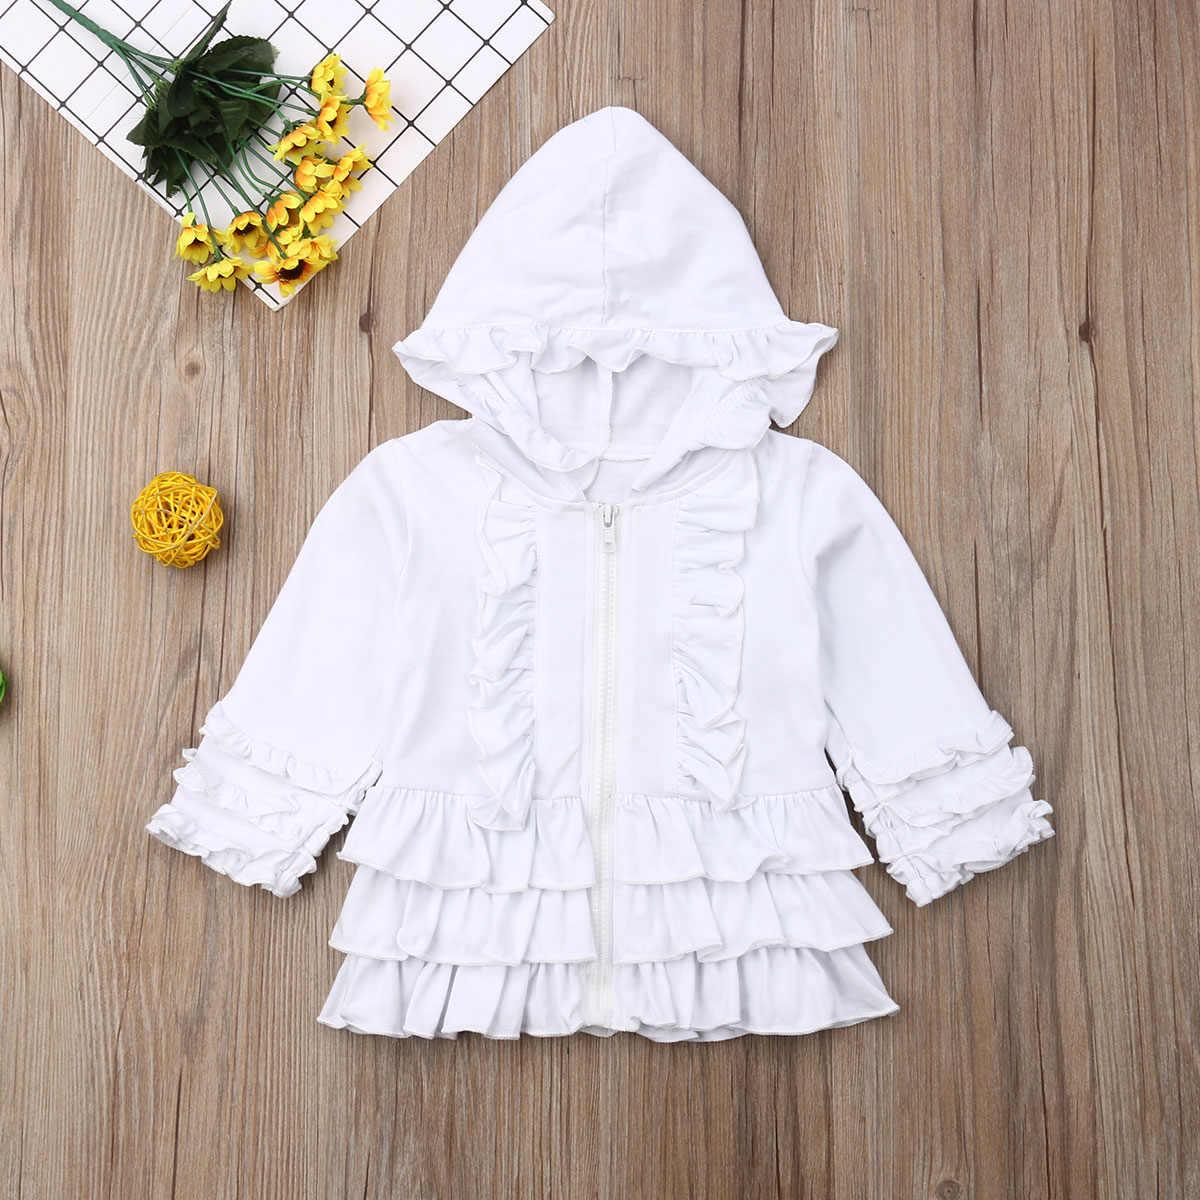 2019 תינוק אביב סתיו בגדים פעוט תינוק ילדים בנות מוצק רוכסן הסווטשרט מעיל מעיל ברדס מזדמן פרע להאריך ימים יותר 1- 5T